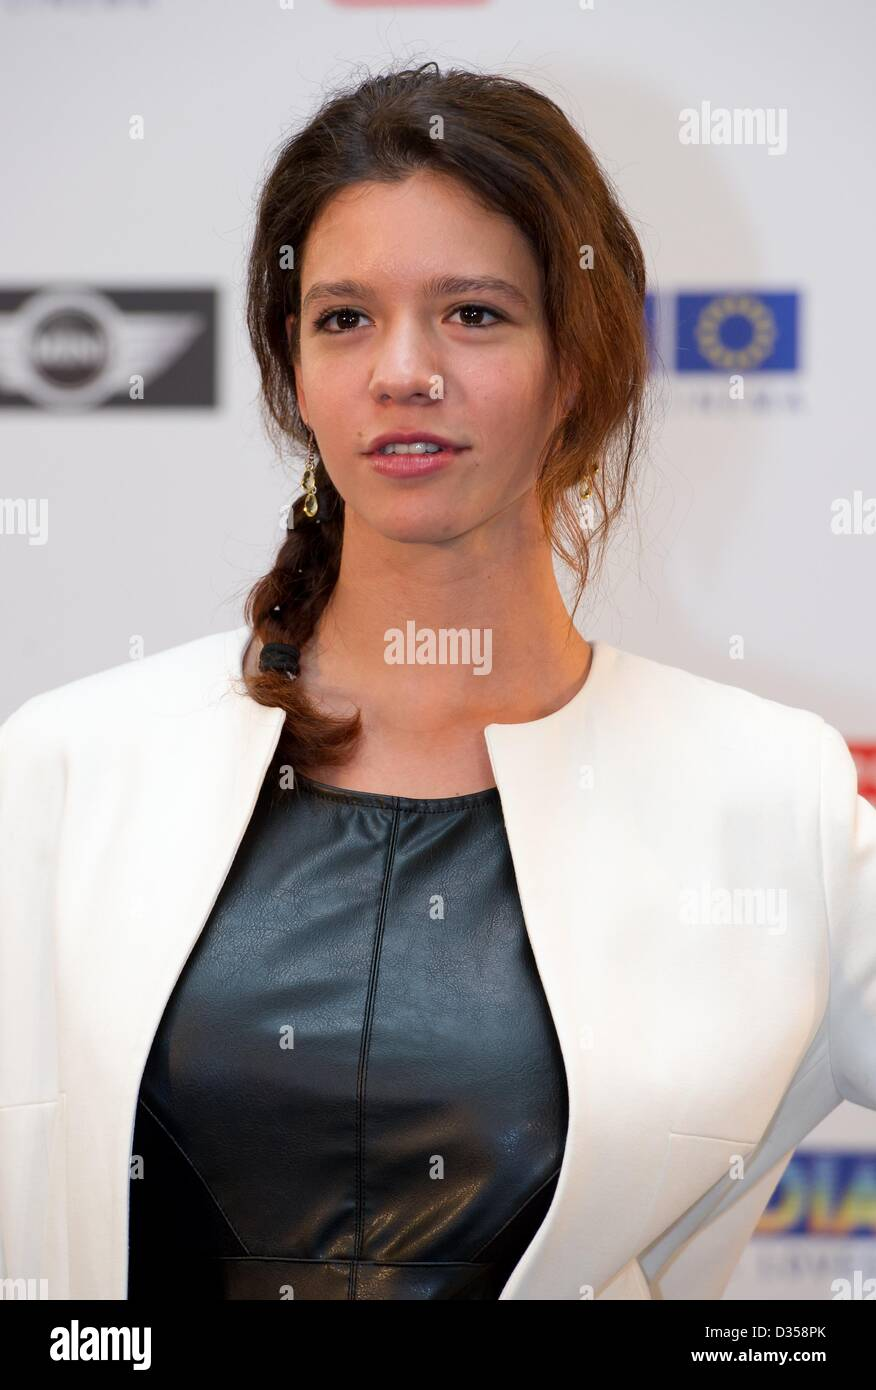 Ada Condeescu